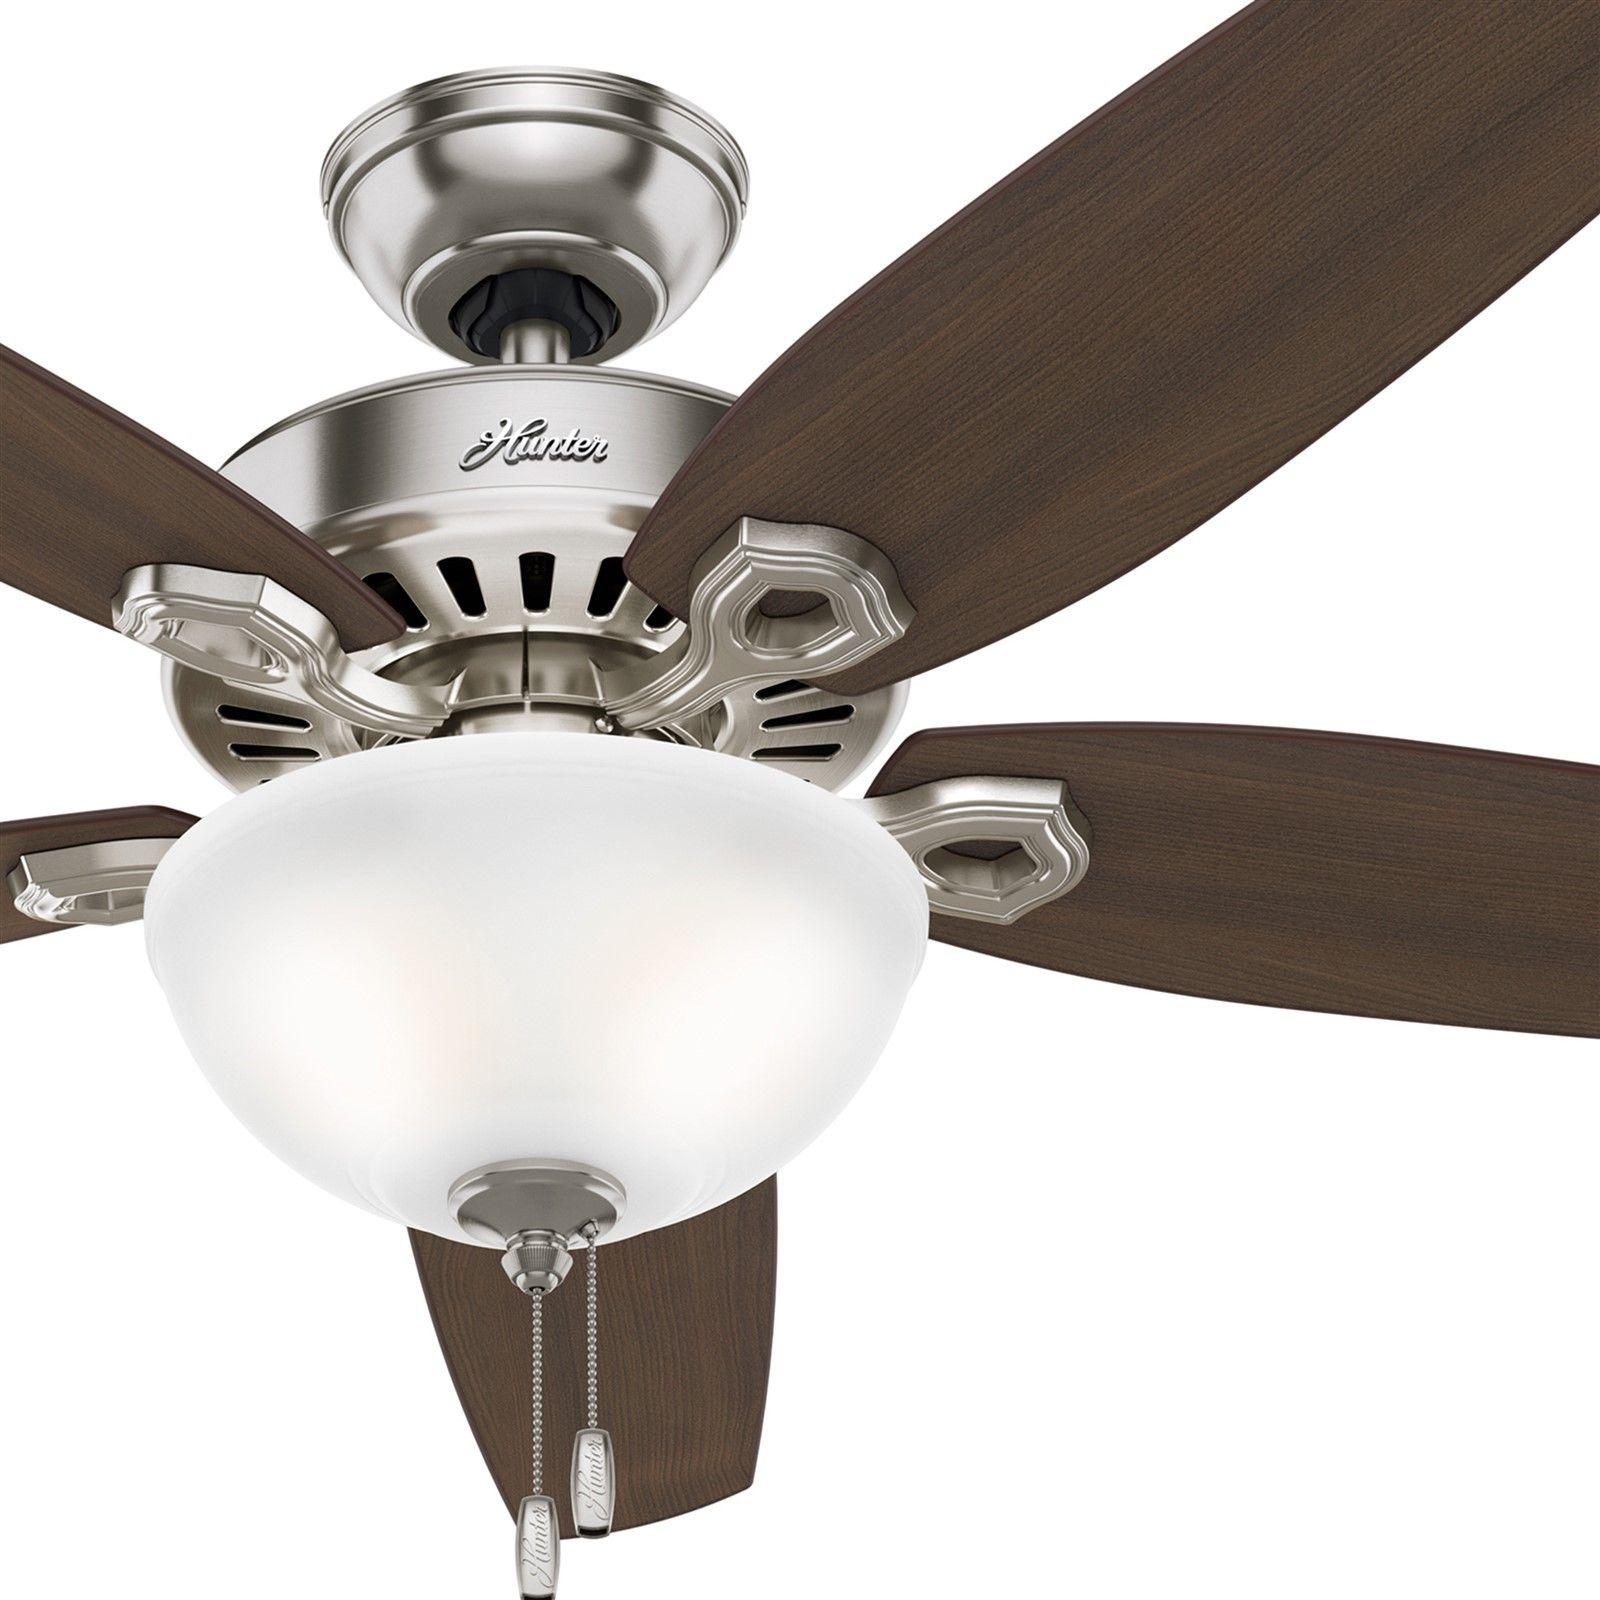 欧美代购 照明风扇 猎人56拉丝镍吊扇套管白色碗式风扇灯客厅装饰